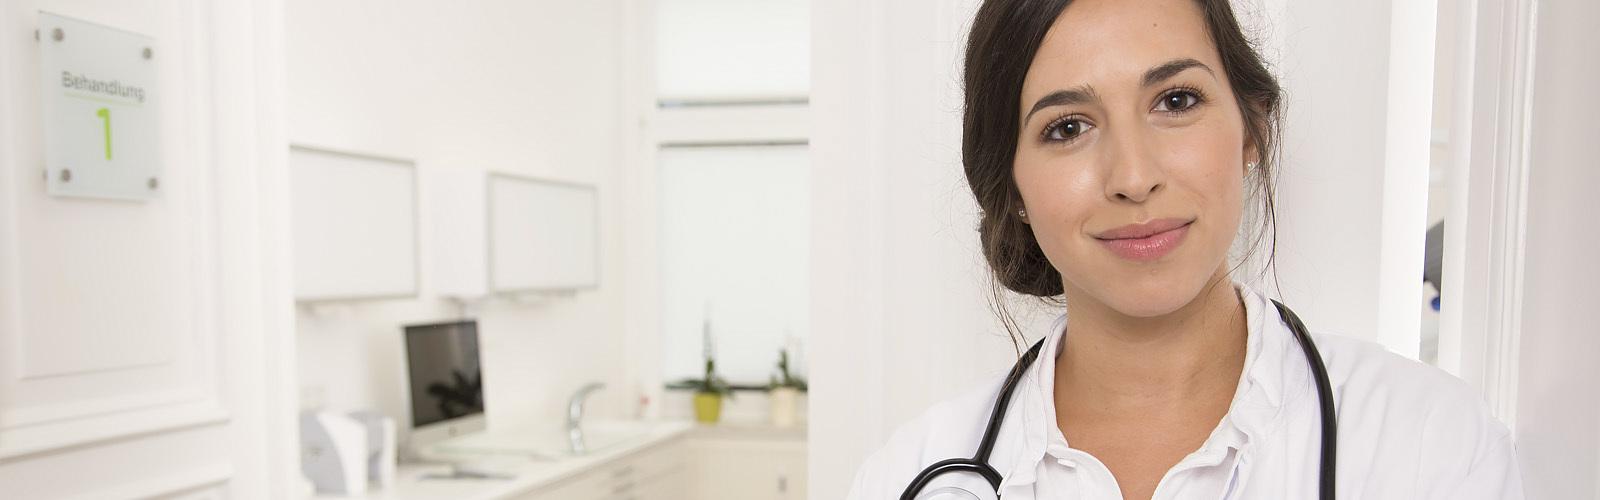 Portret van een lachende dokter in een medische praktijk